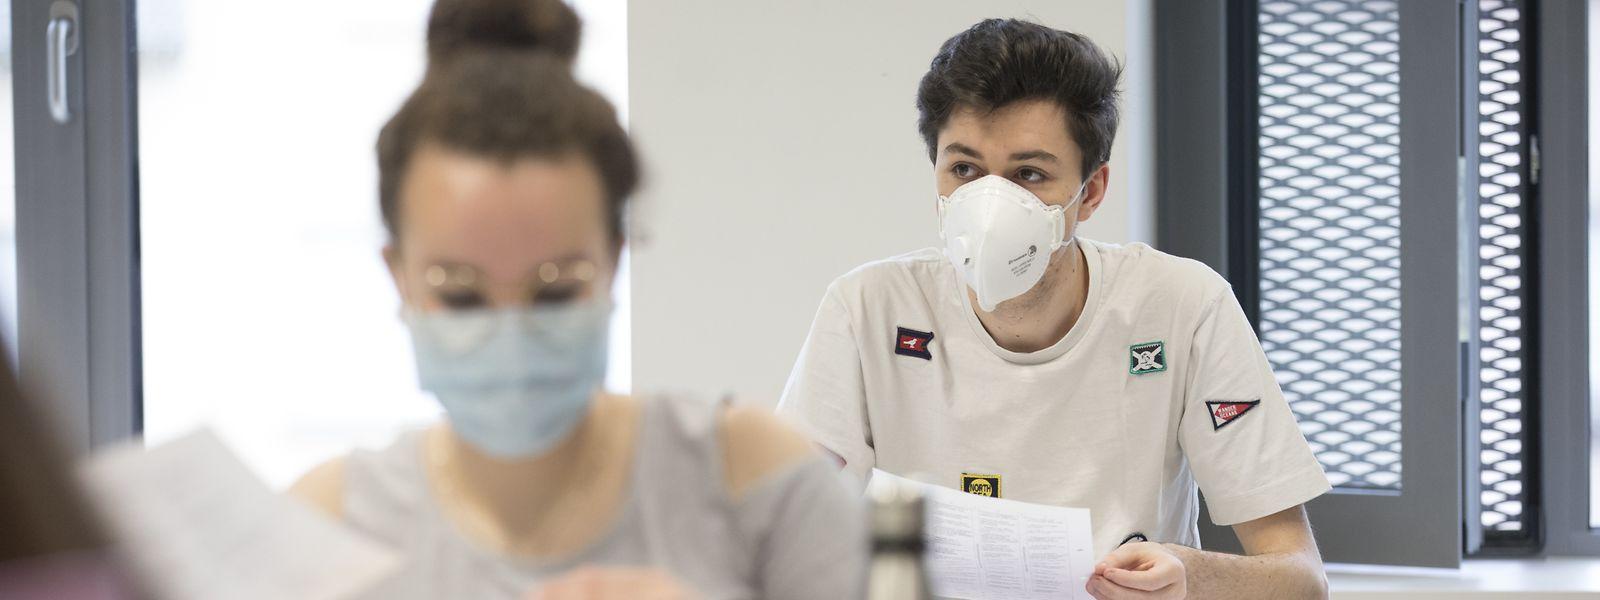 Da die Schüler des Lycée Hubert Clément im Klassensaal in der Regel mit zwei Metern Abstand voneinander sitzen, dürfen sie, falls sie möchten, ihre Schutzmasken abnehmen. Viele wollen aber nicht darauf verzichten.